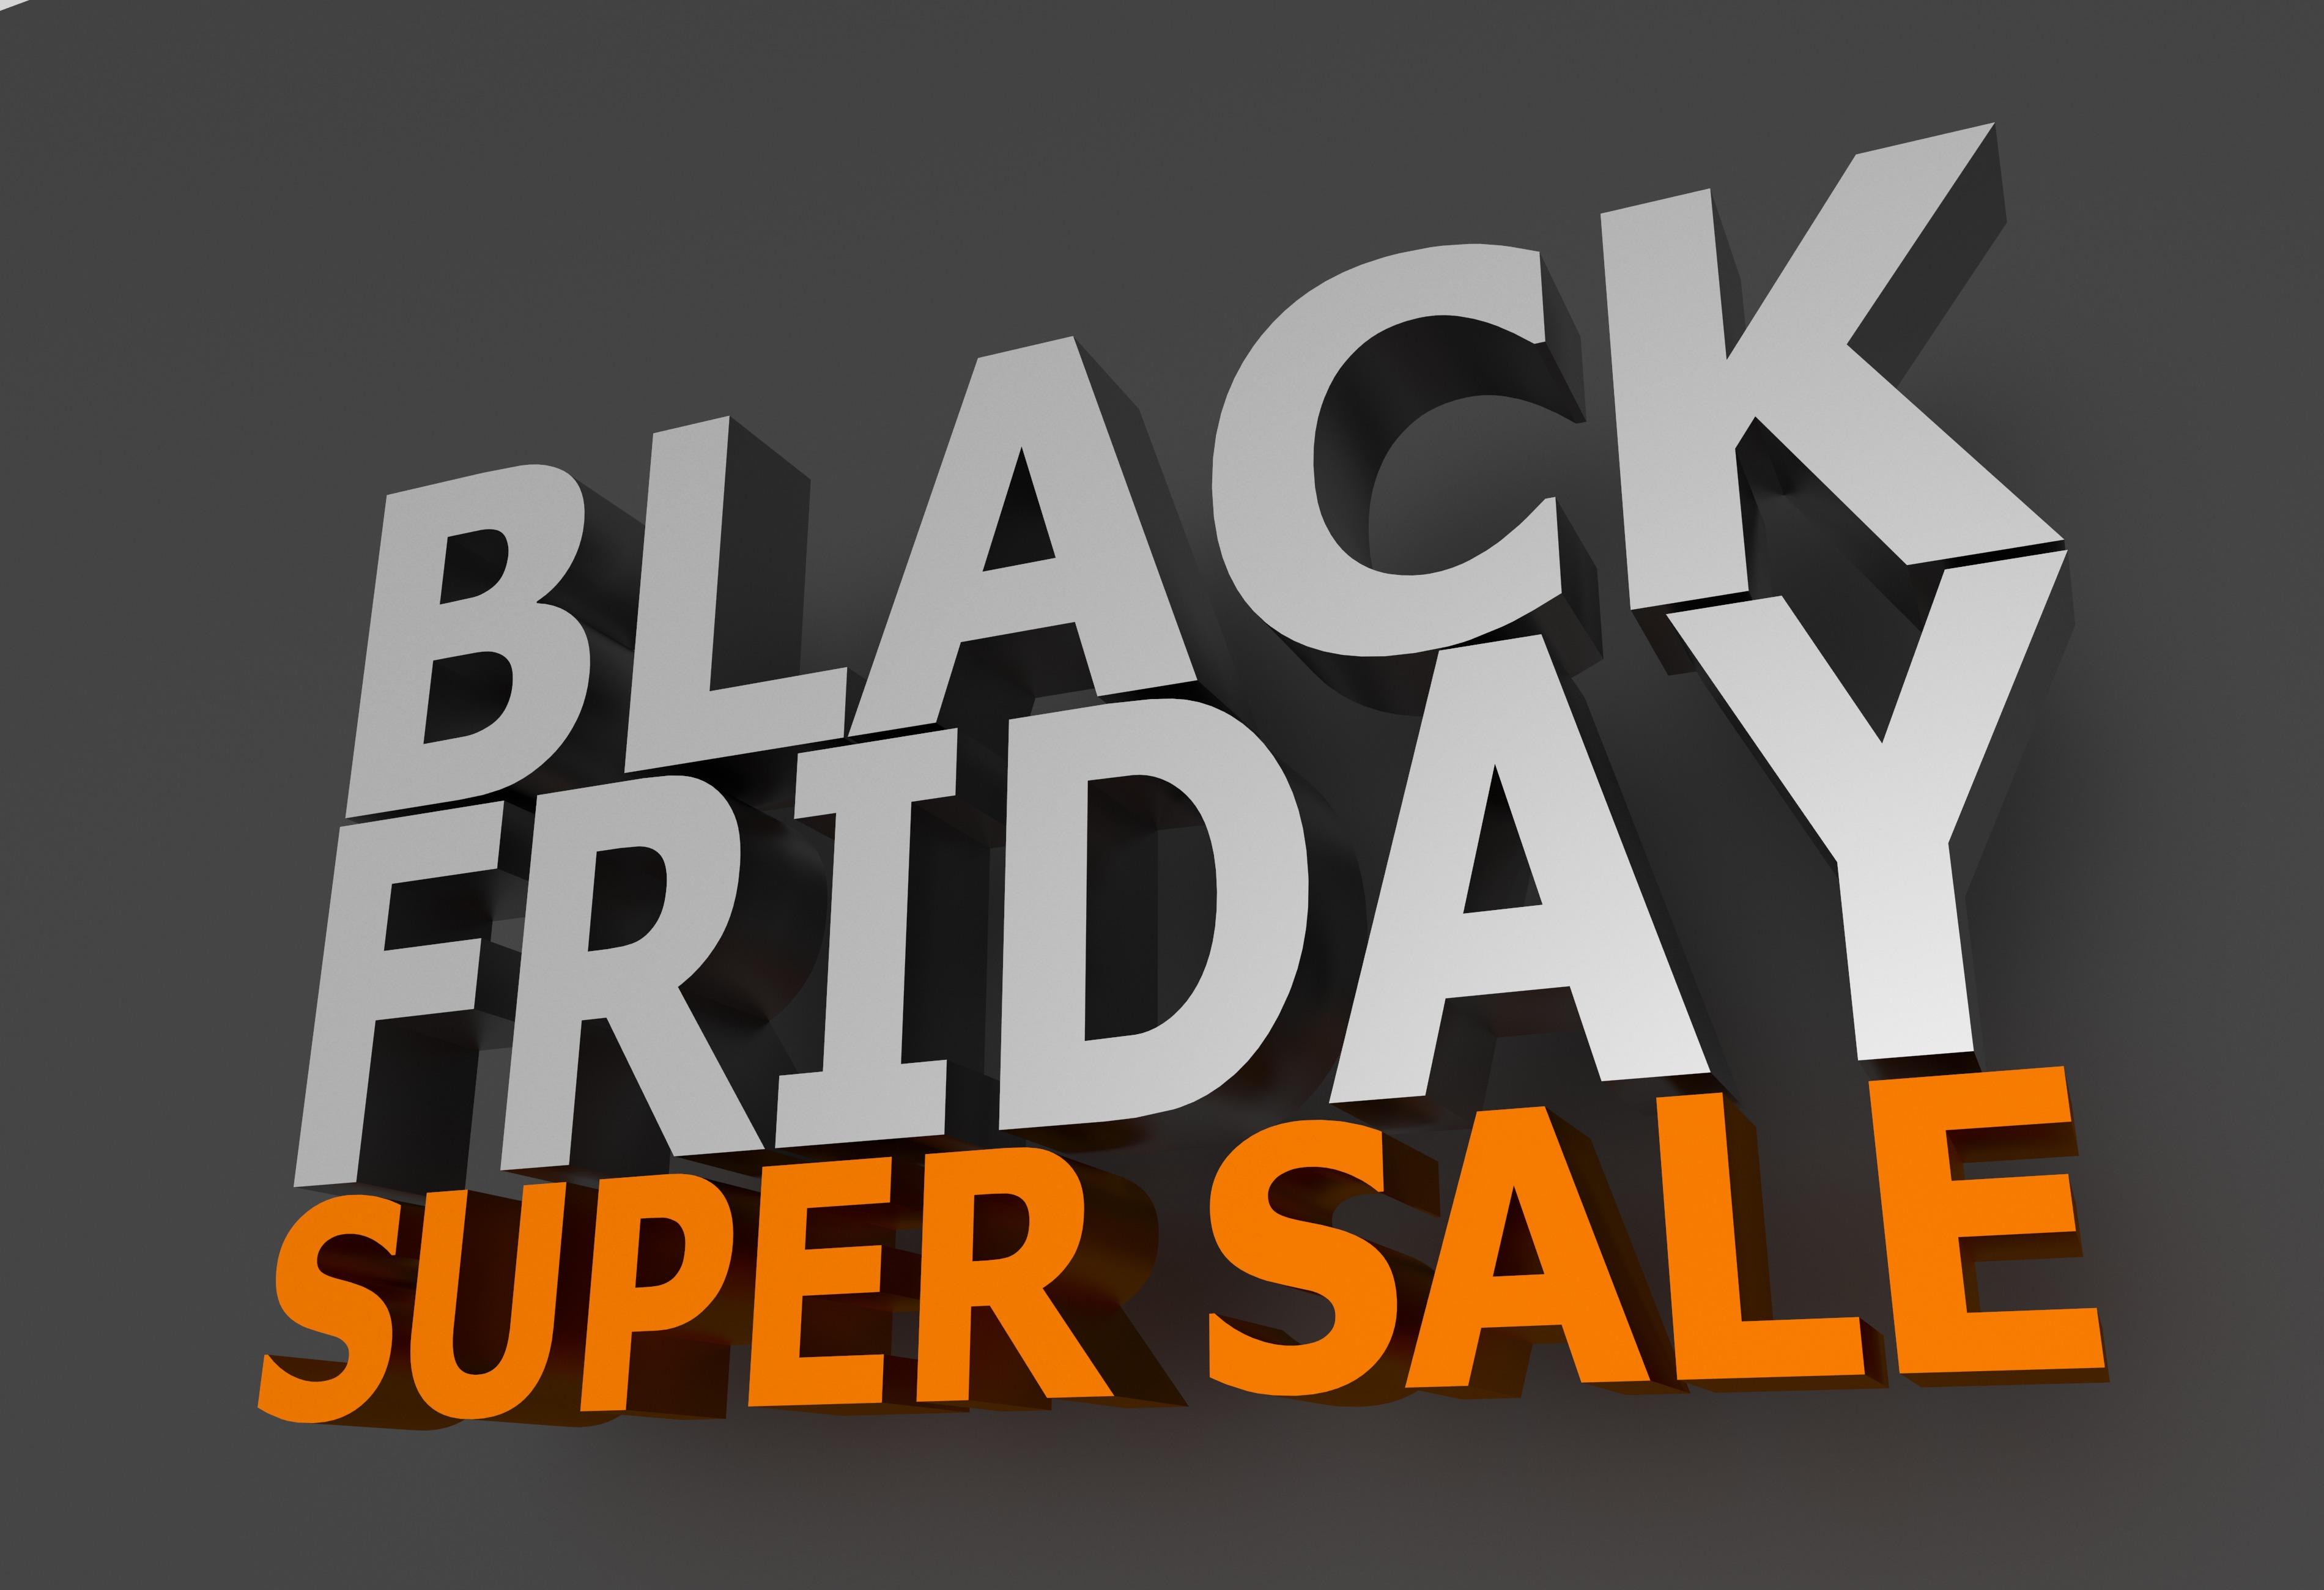 Black Friday Super Sale 3D Lettering on Dark Gray Background. Orange Super Sale Letters. 3D Rendered Illustration.